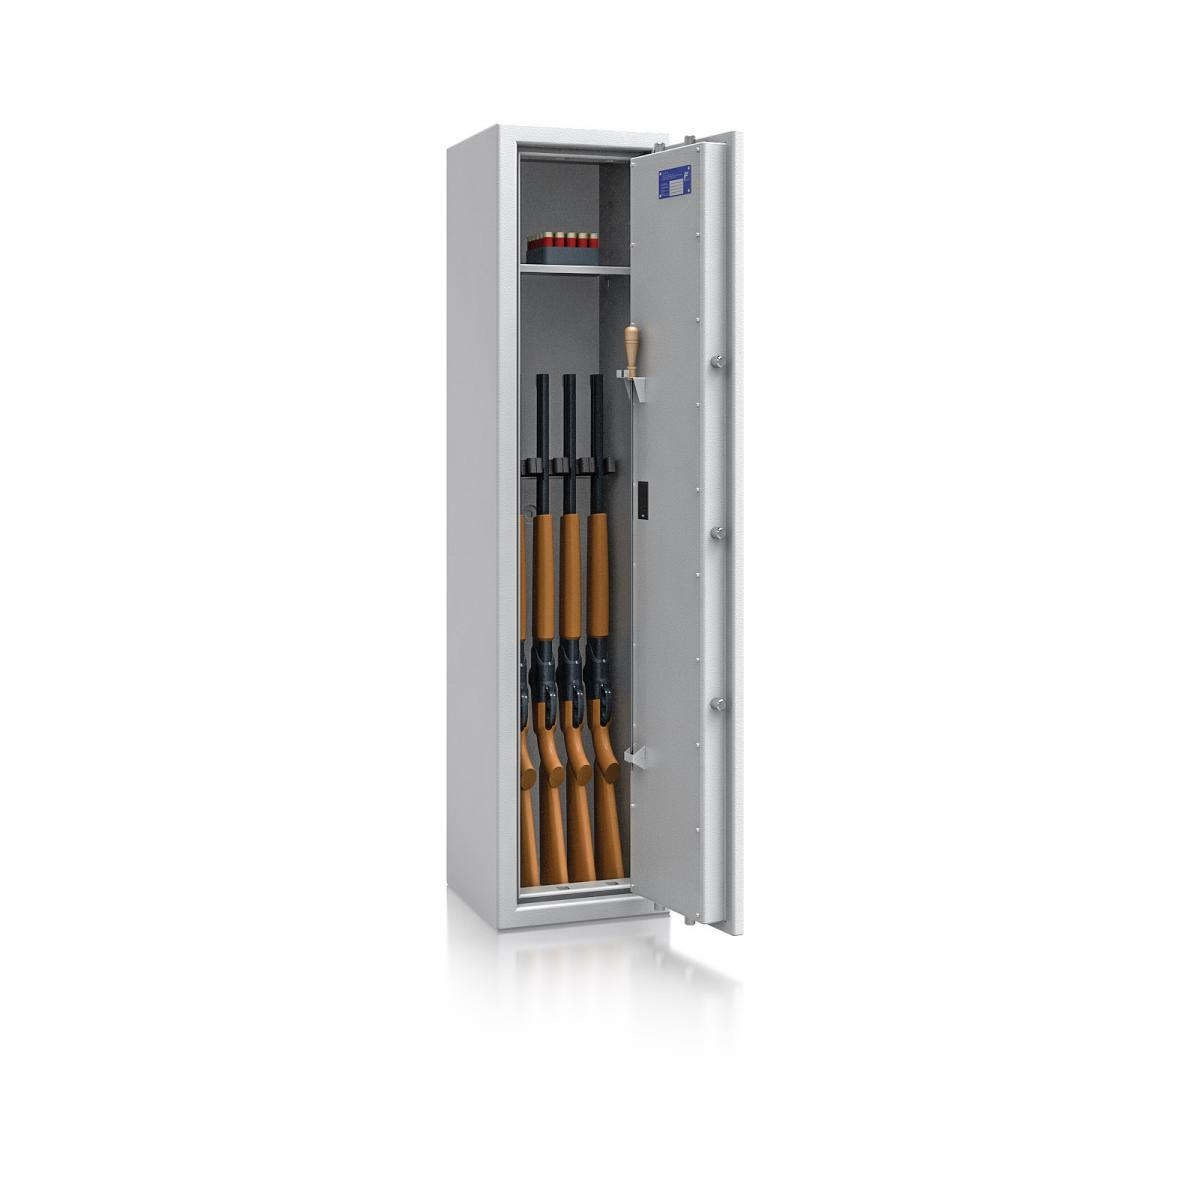 Waffenschrank St. Gallen WF NEW 3 - 1500x350x350 / 131kg 56472 / Klasse I / RAL7035 / Elektr. Basic / DIN R